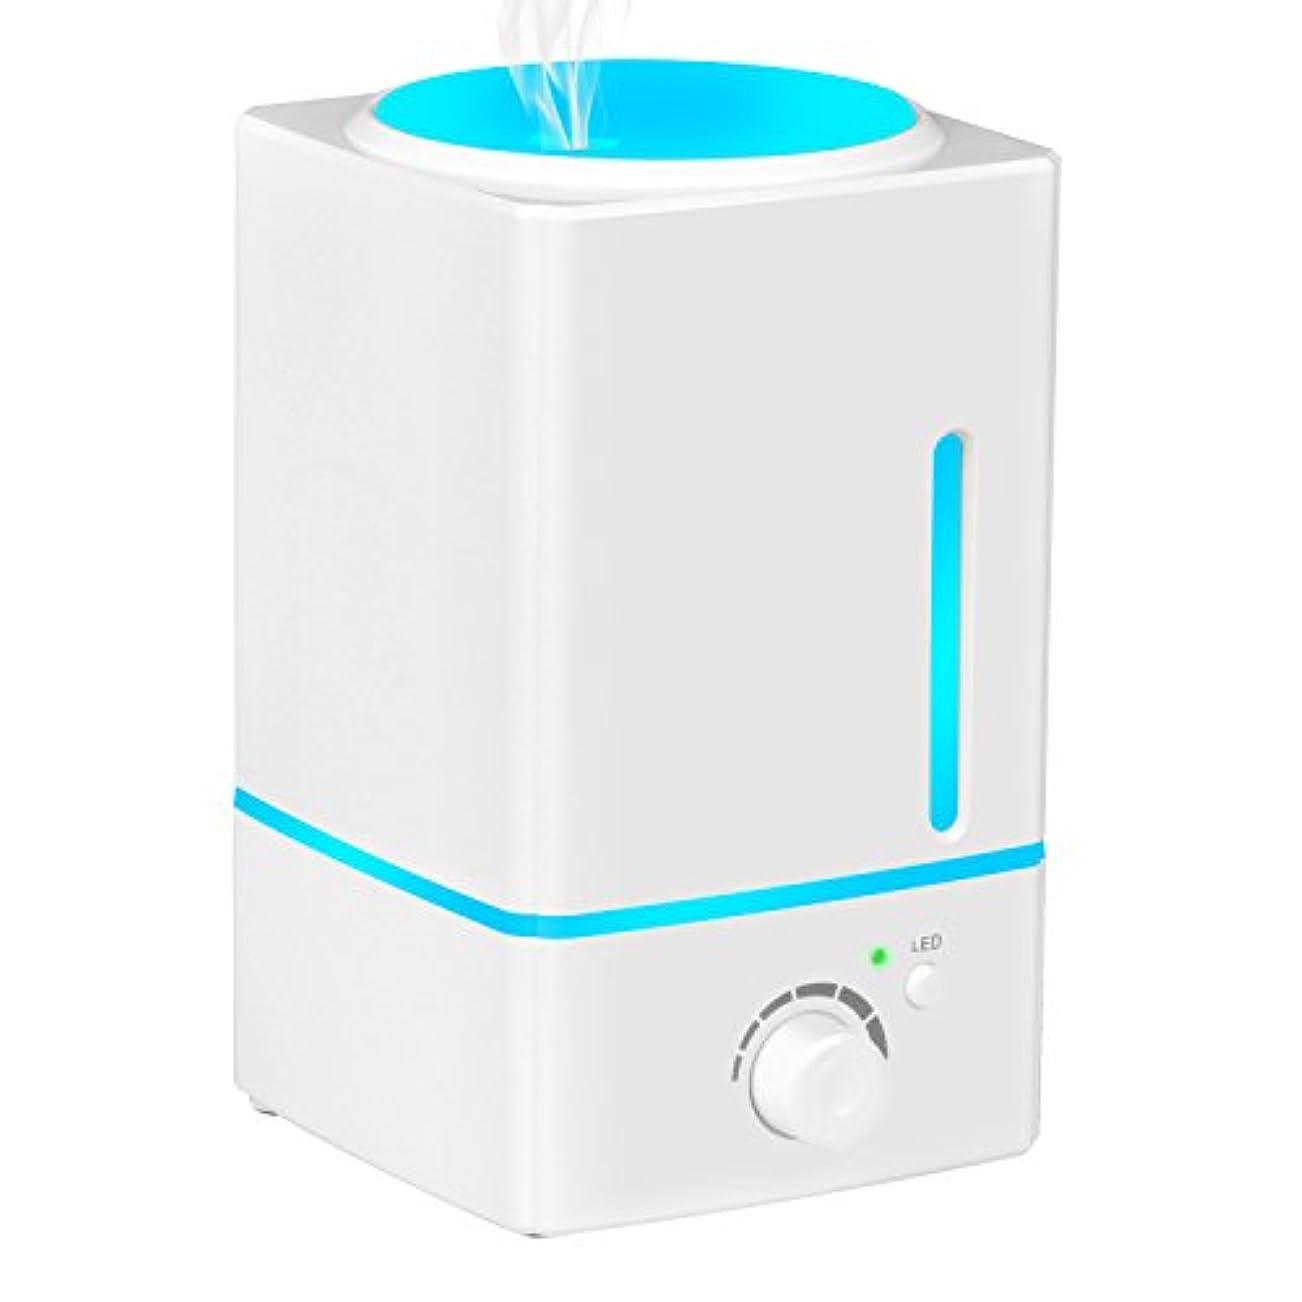 灰発明ログAromatherapy Essential Oil Diffuser加湿器、olivetech 1500 ml超音波クールなミスト加湿器with LEDライトの色変更と自動遮断forホームオフィス寝室